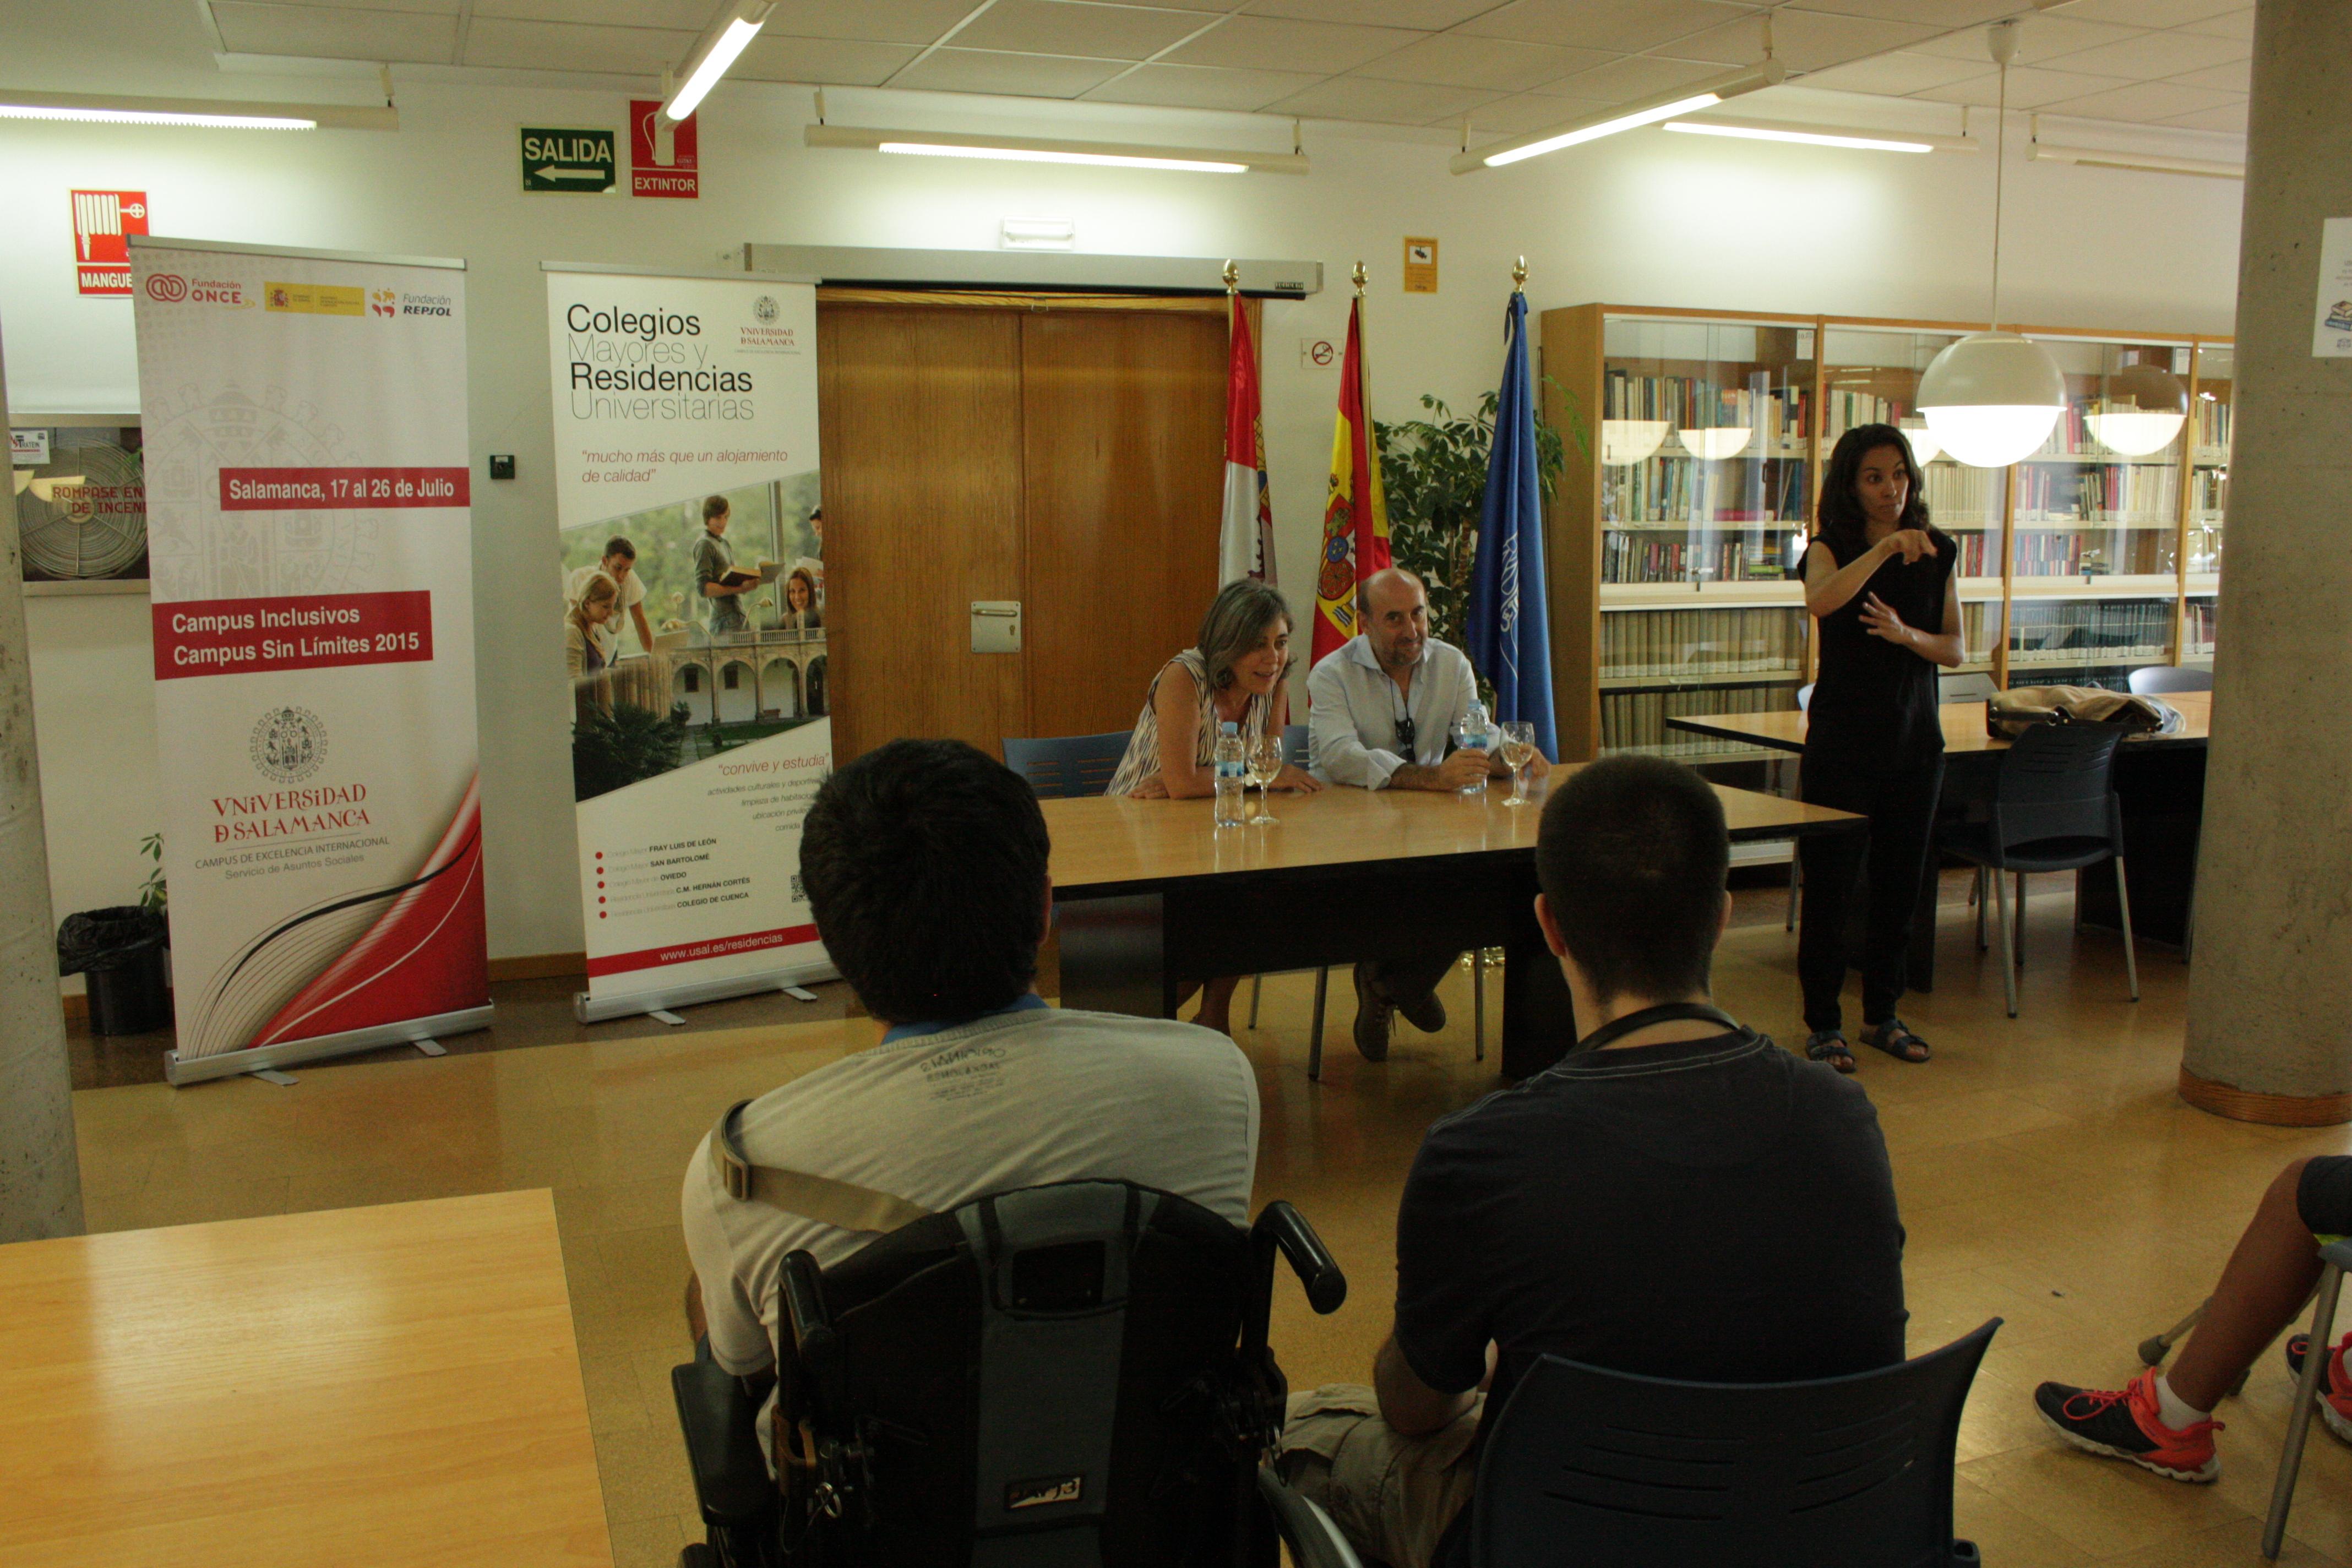 La vicerrectora de Atención al Estudiante y Extensión Universitaria recibe a los alumnos del proyecto 'Campus Inclusivos'